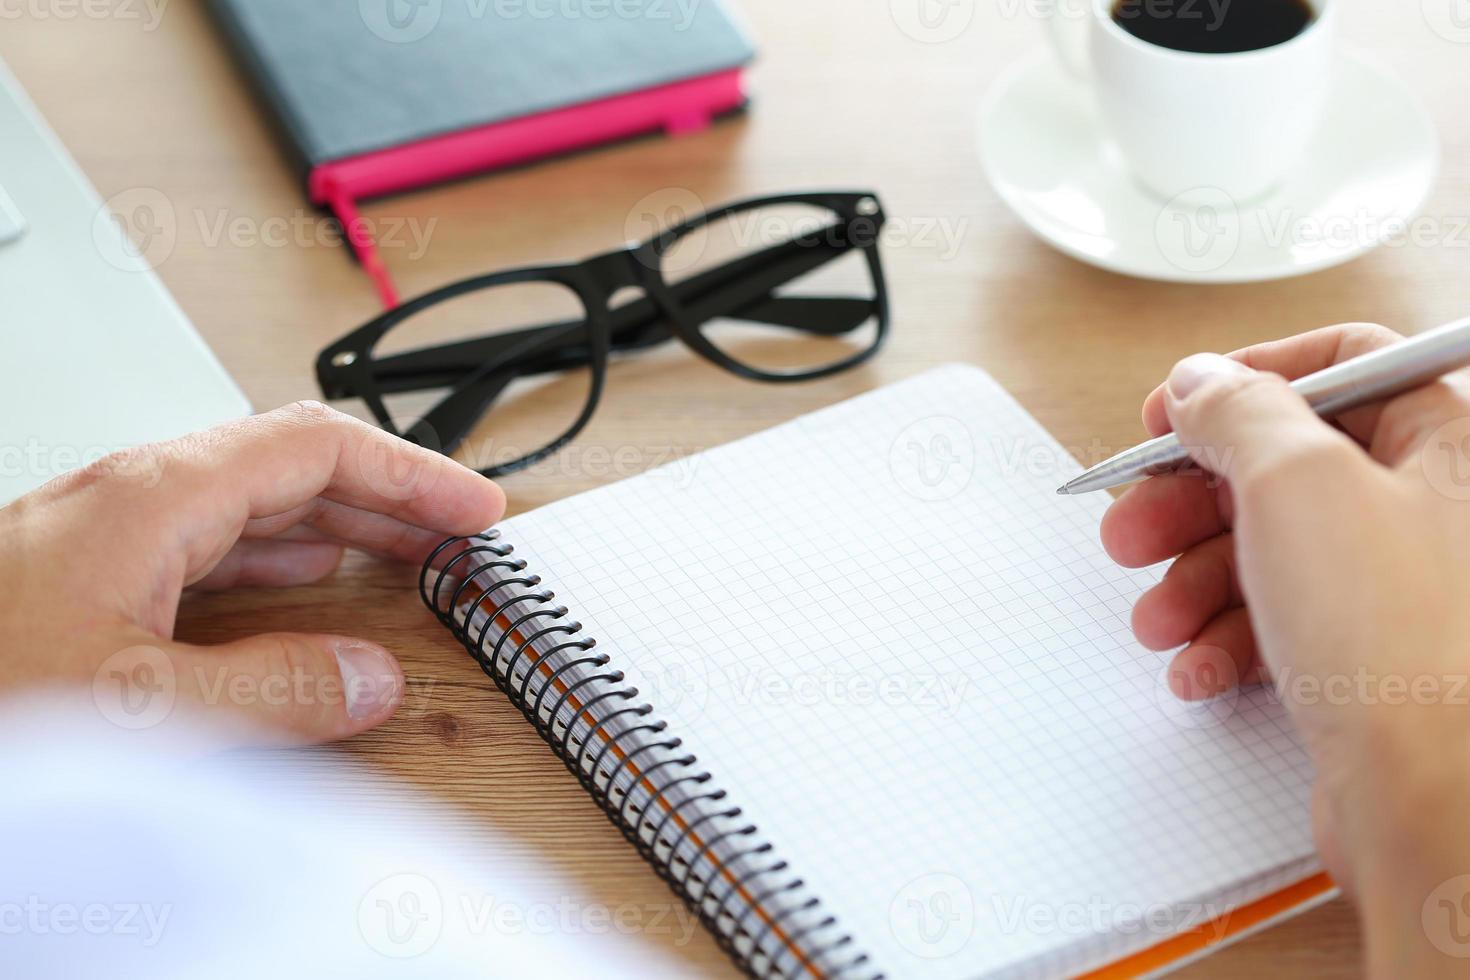 männliche Hand, die silbernen Stift hält foto